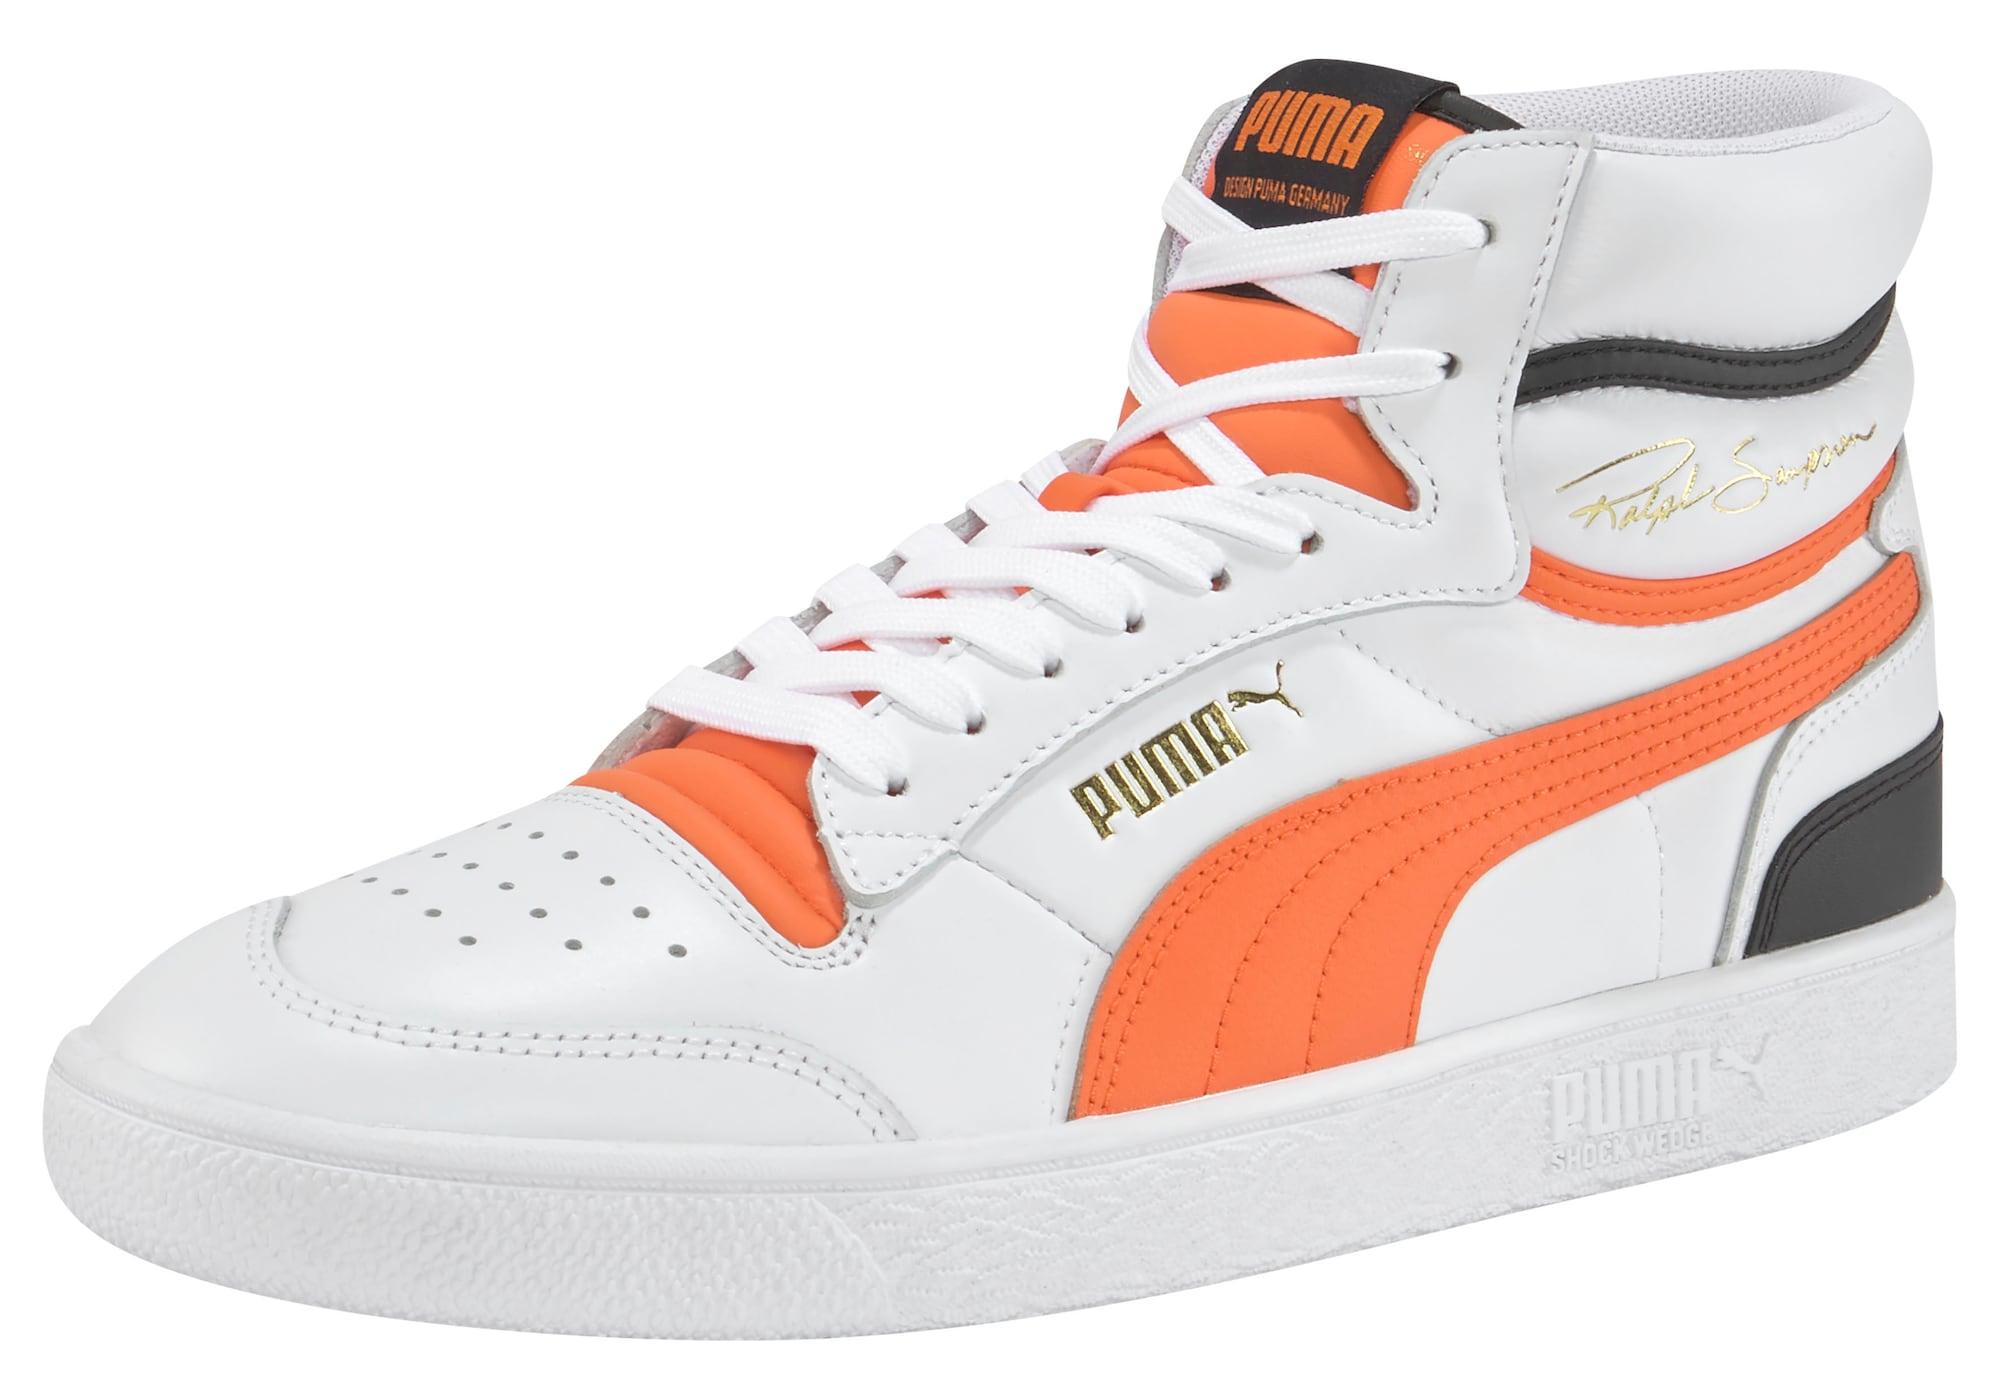 PUMA Sneaker alta  bianco / arancione / nero male shop the look